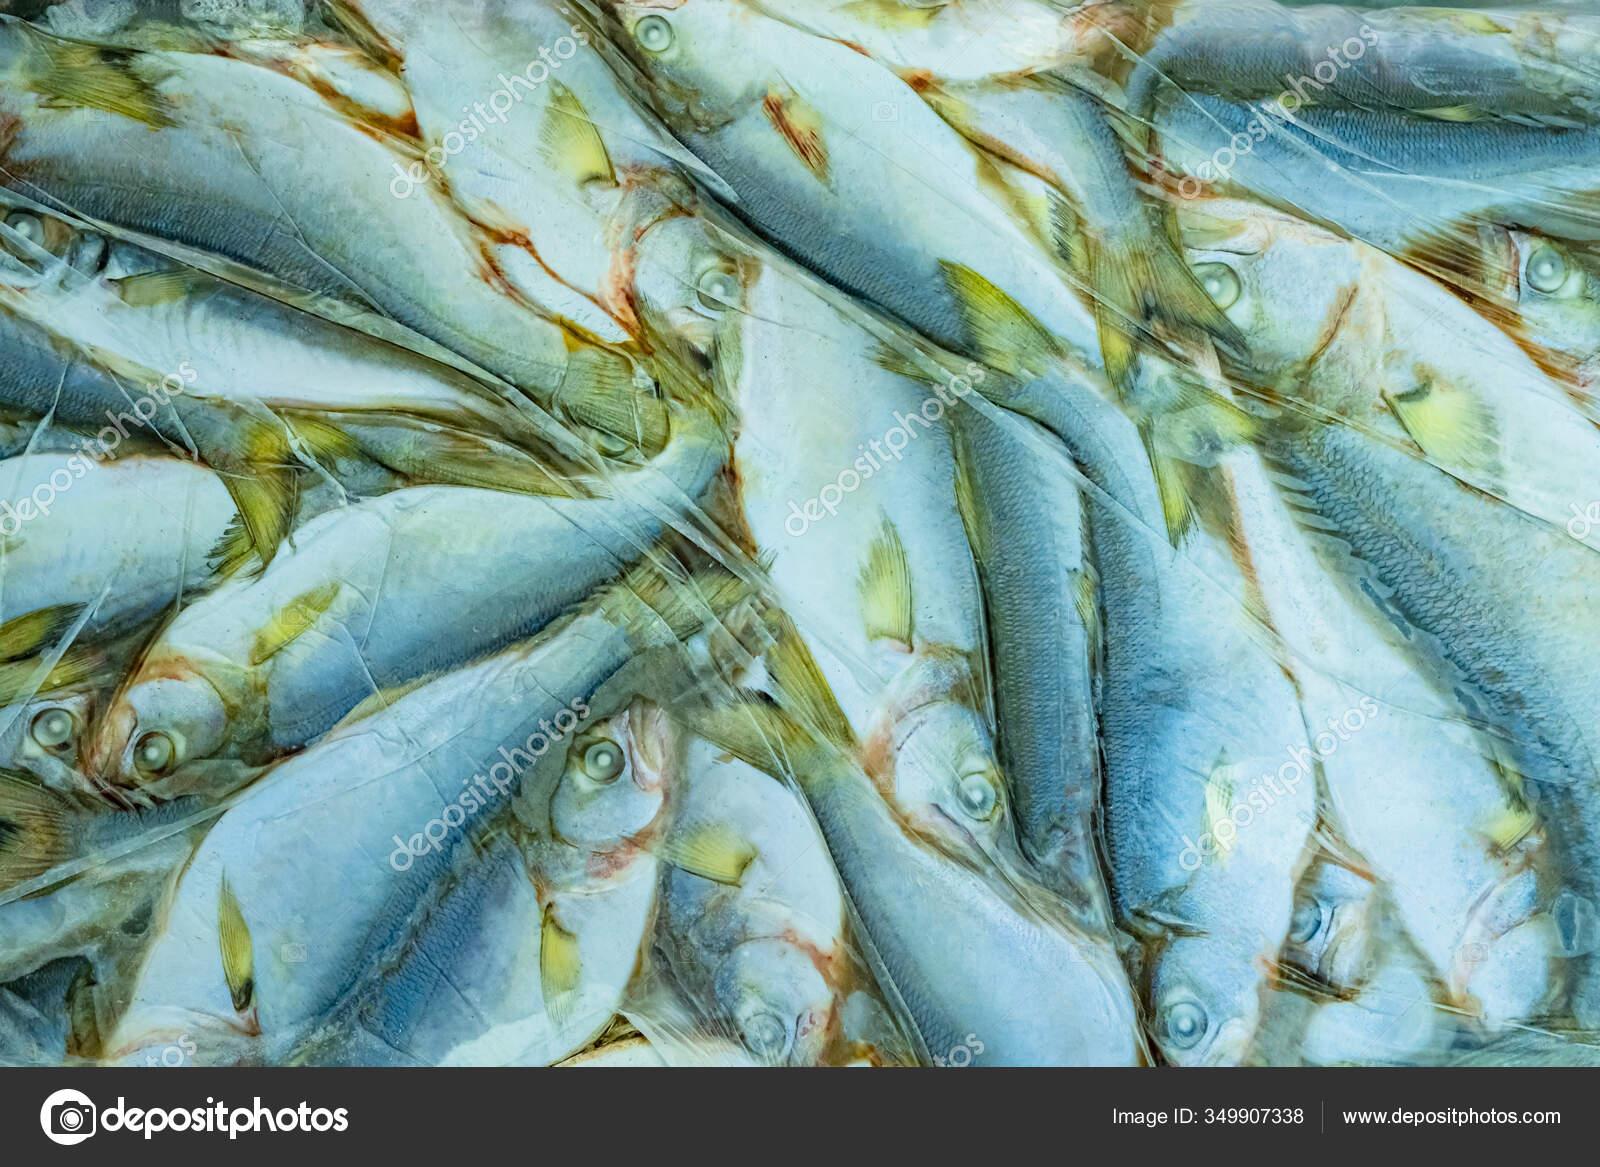 Frozen Fish Briquettes Fast Freezing Fish Sea Long Term Storage Stock Photo C Grinphoto 349907338